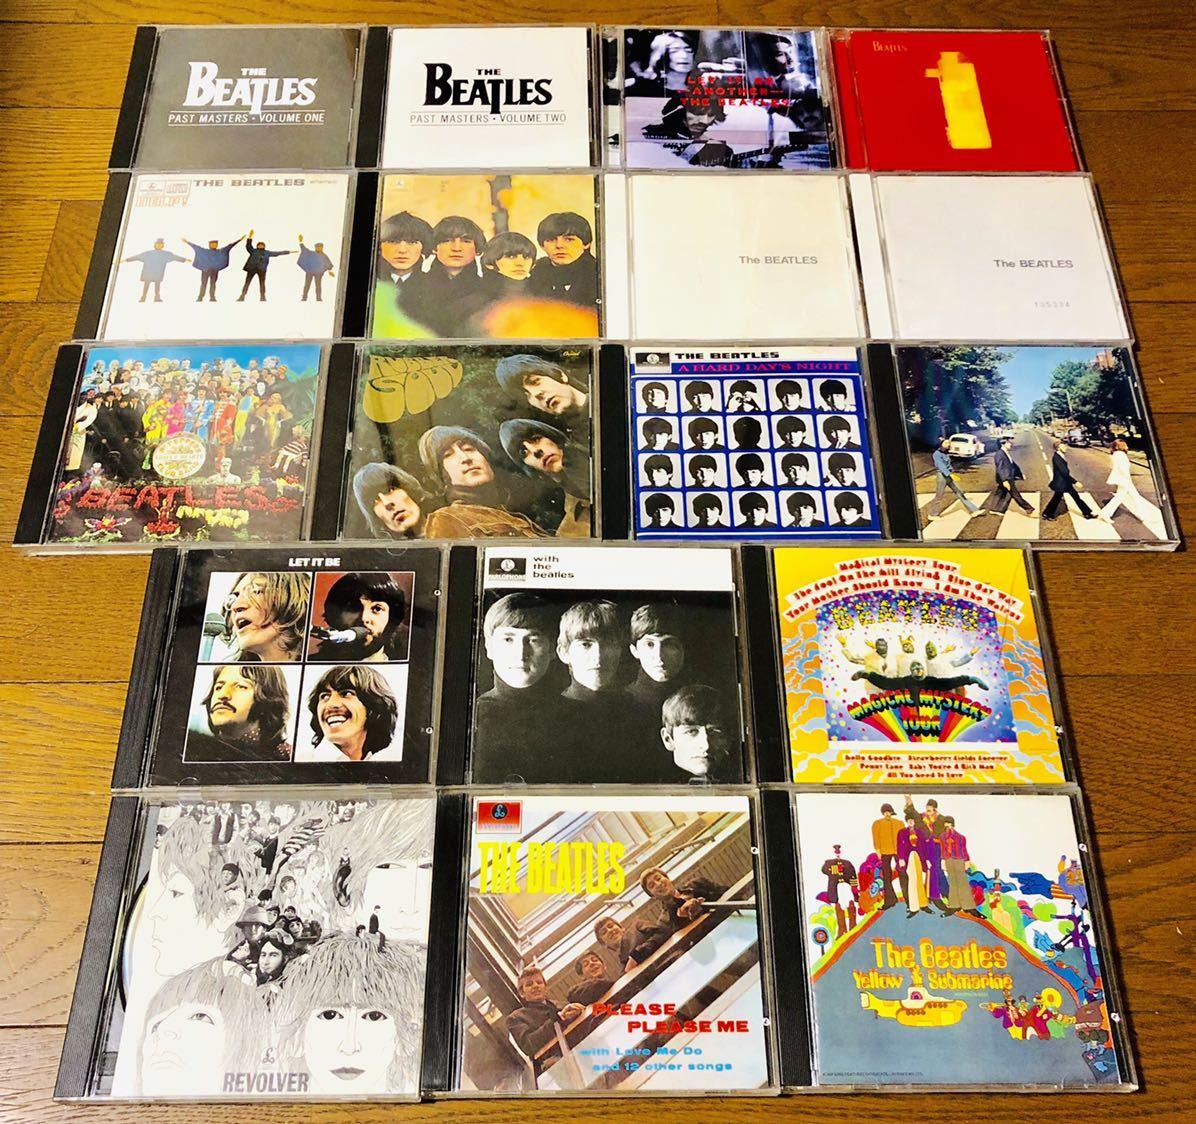 The Beatles アルバム CD18枚セット